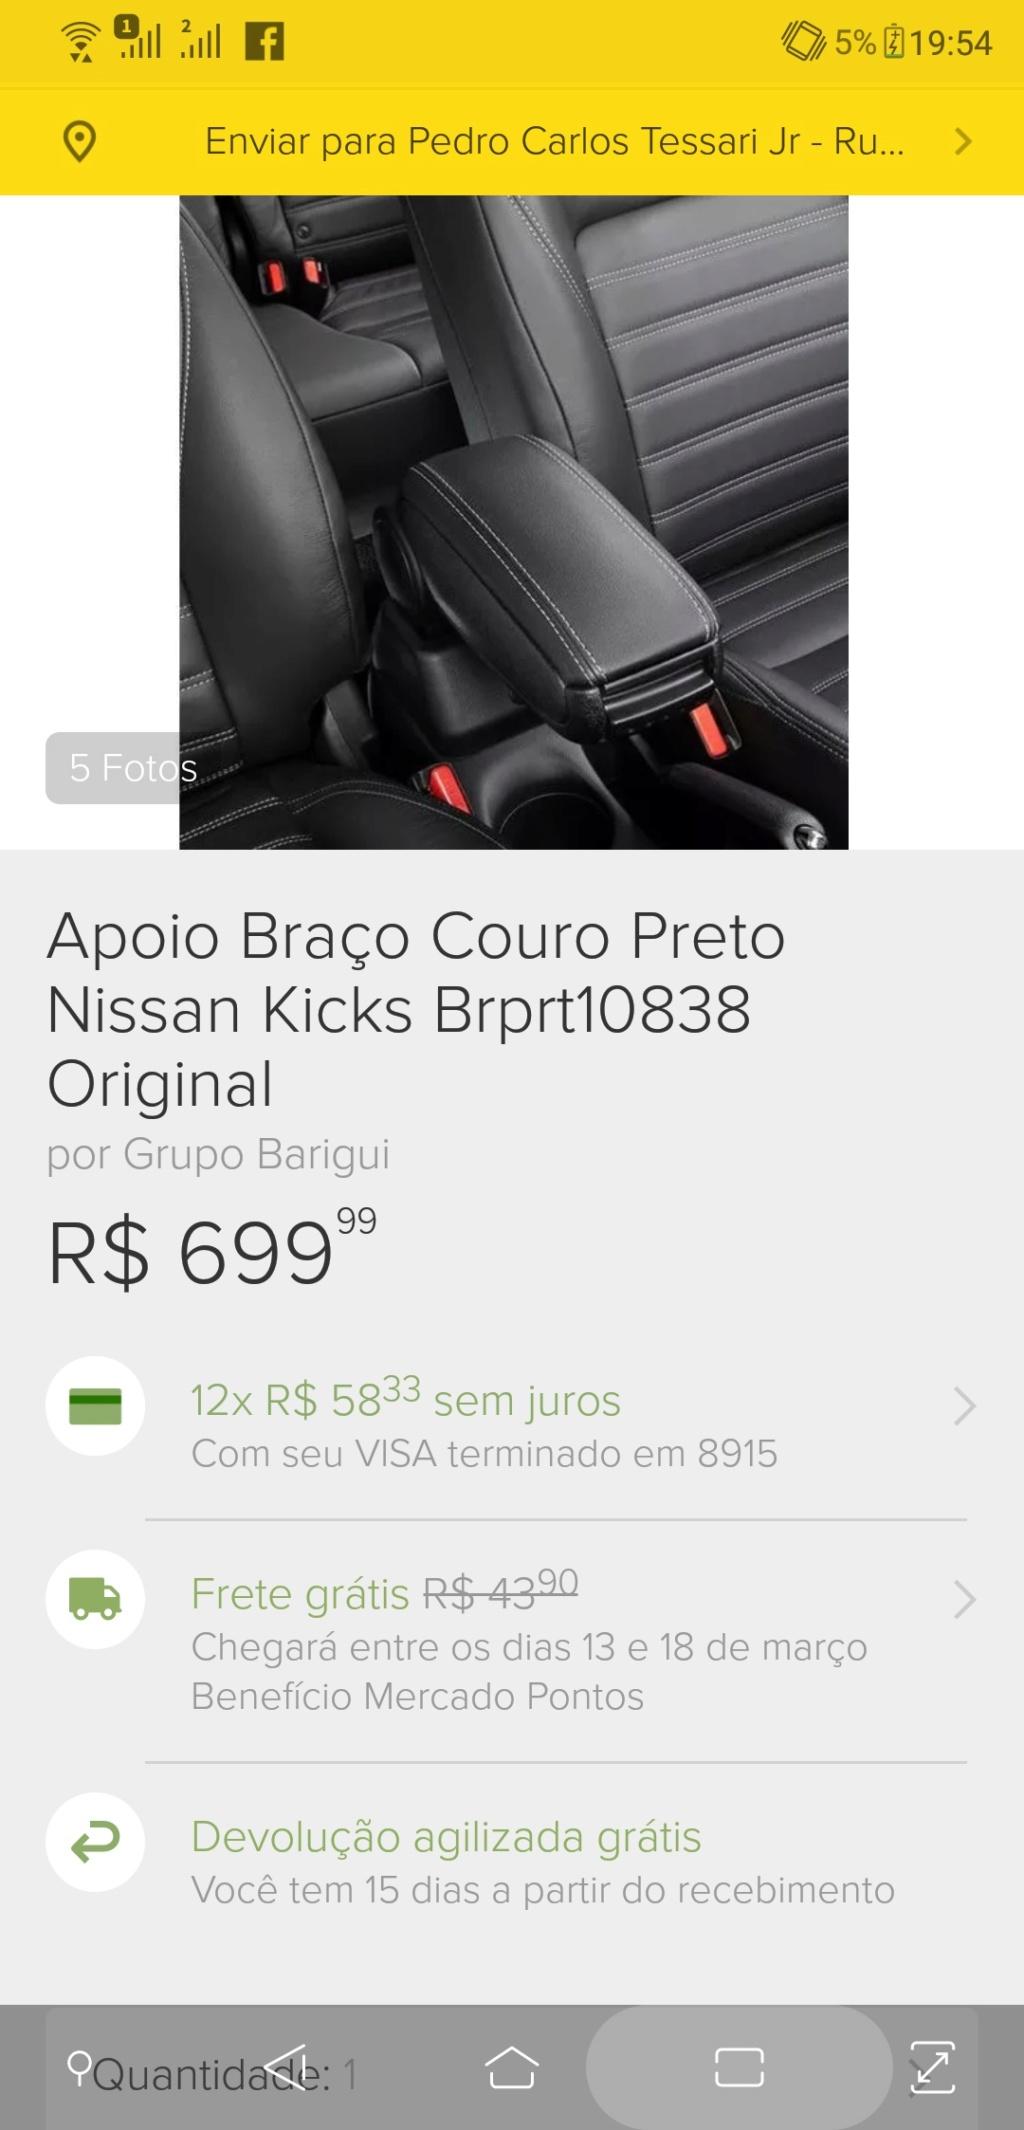 Apoio Braço - Ajuda Screen10